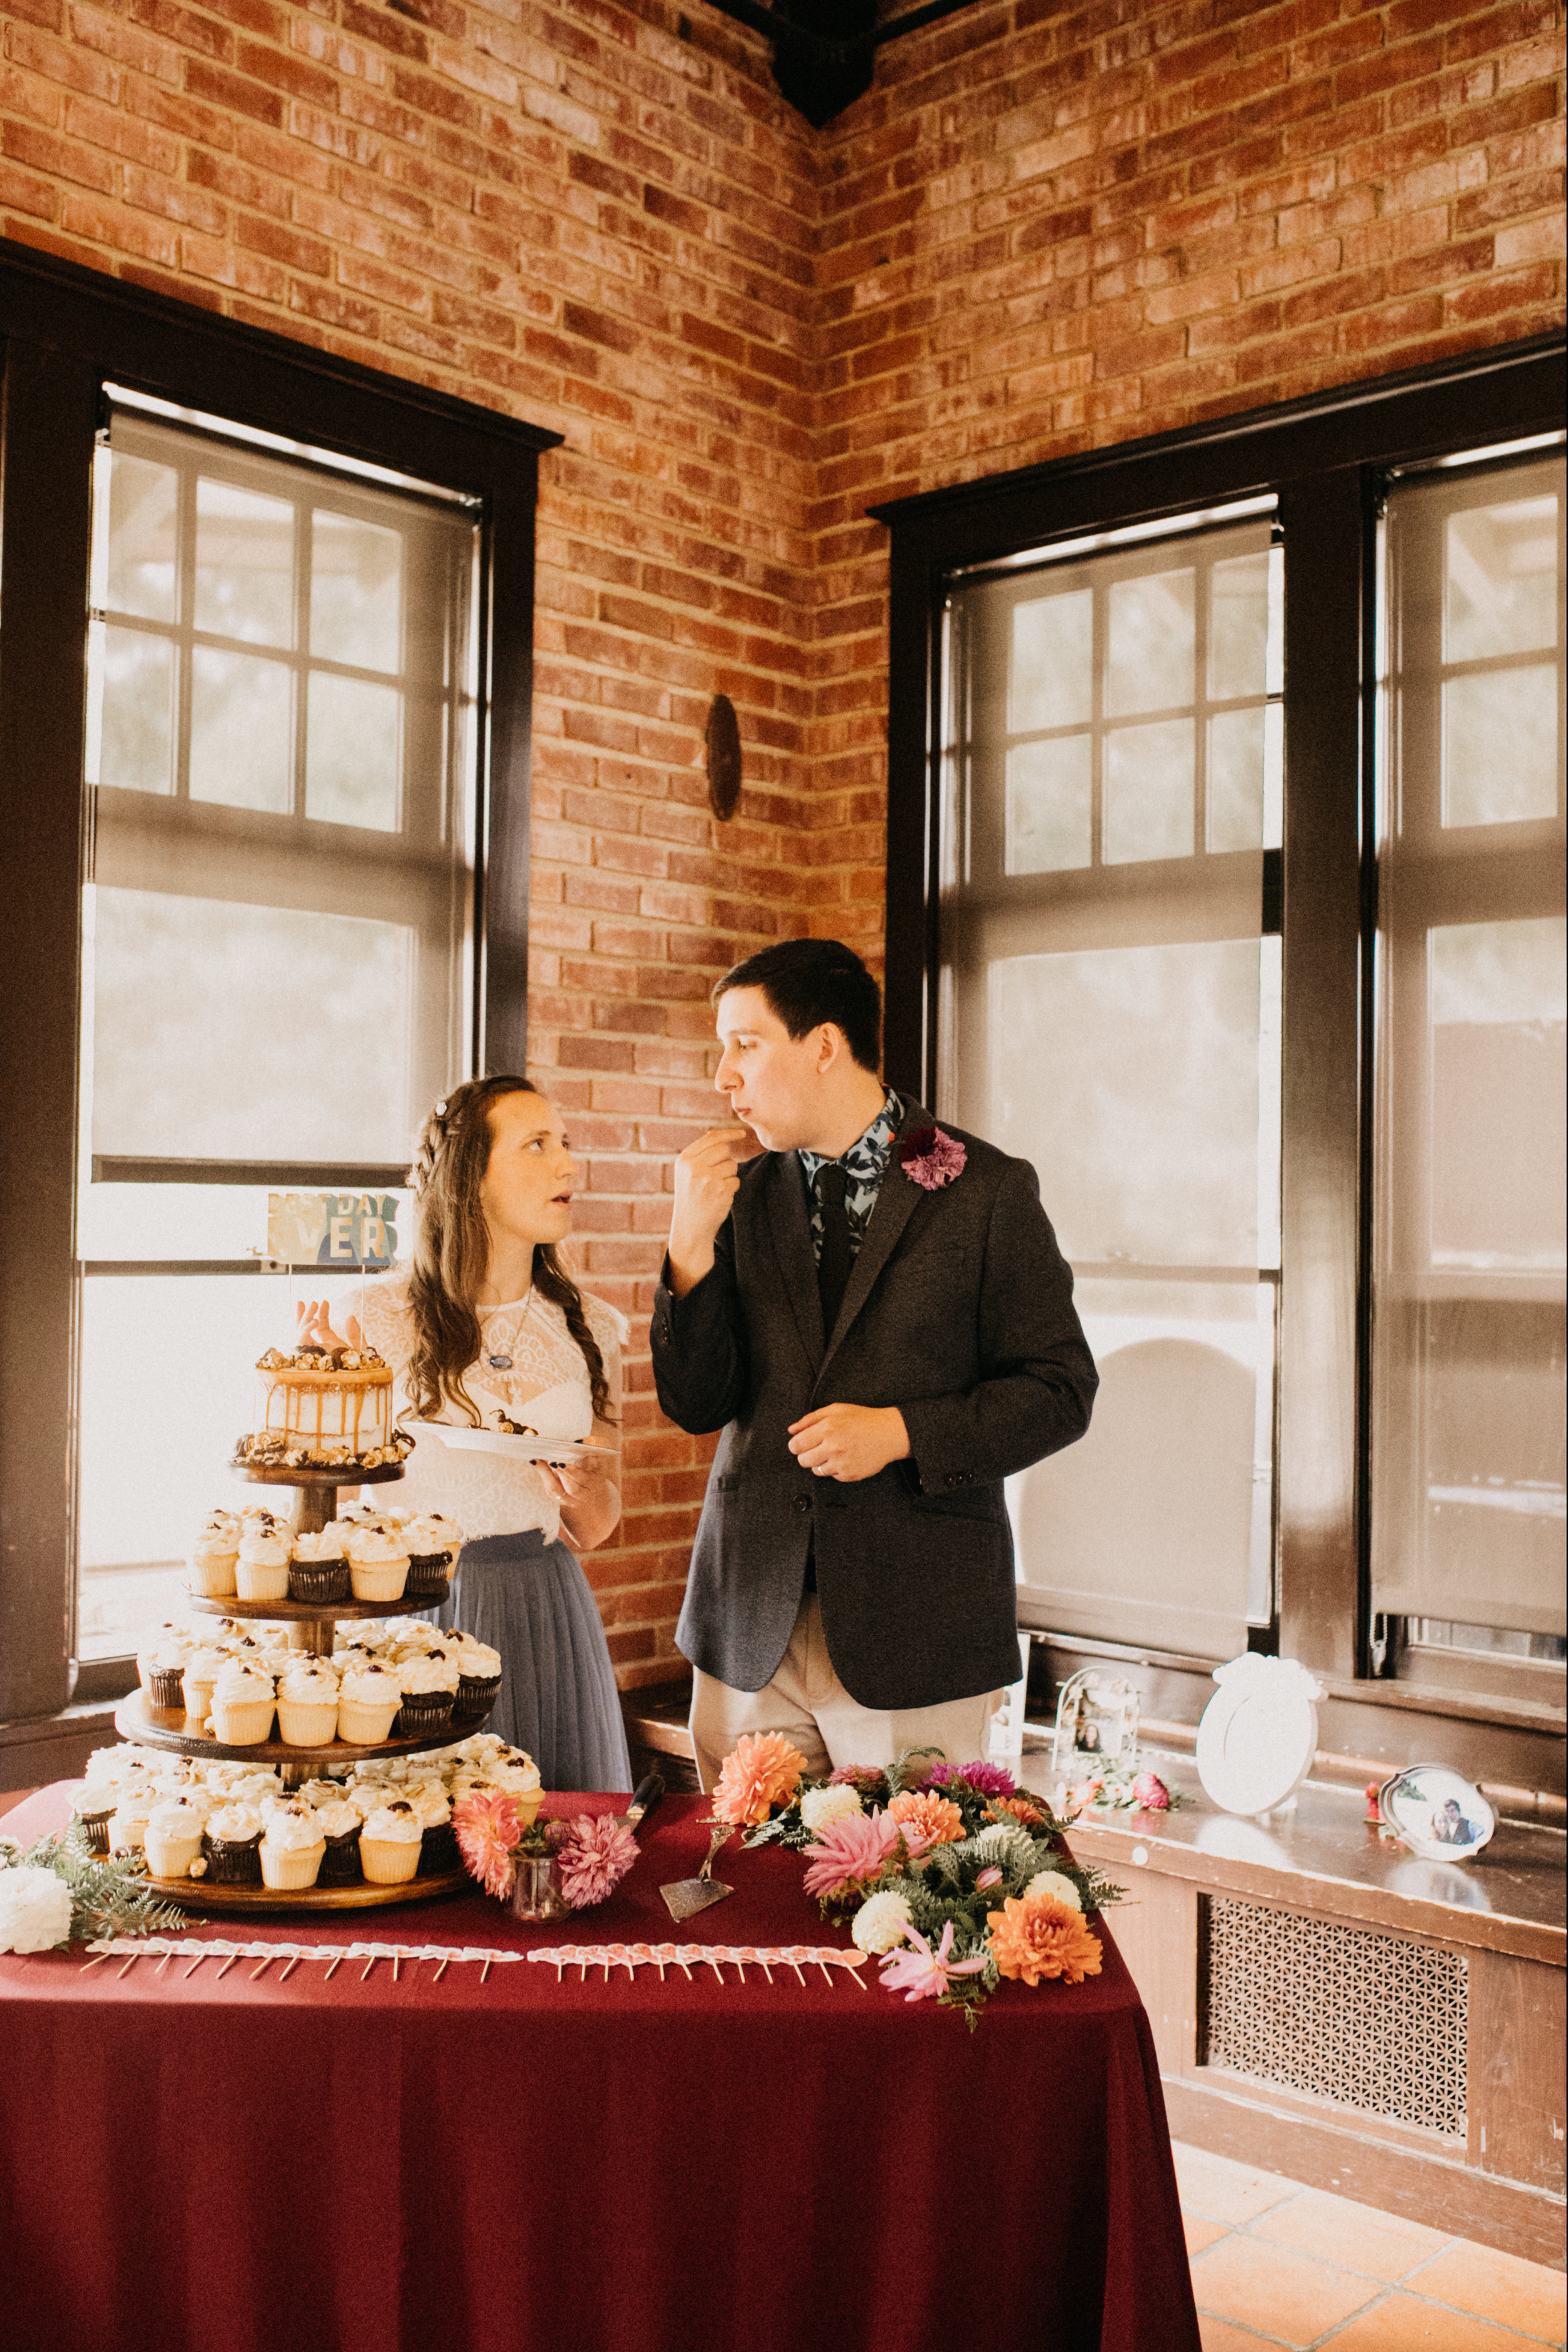 PointDefianceRoseGarden_Wedding_Stuberg_Melaphoto-5461.jpg